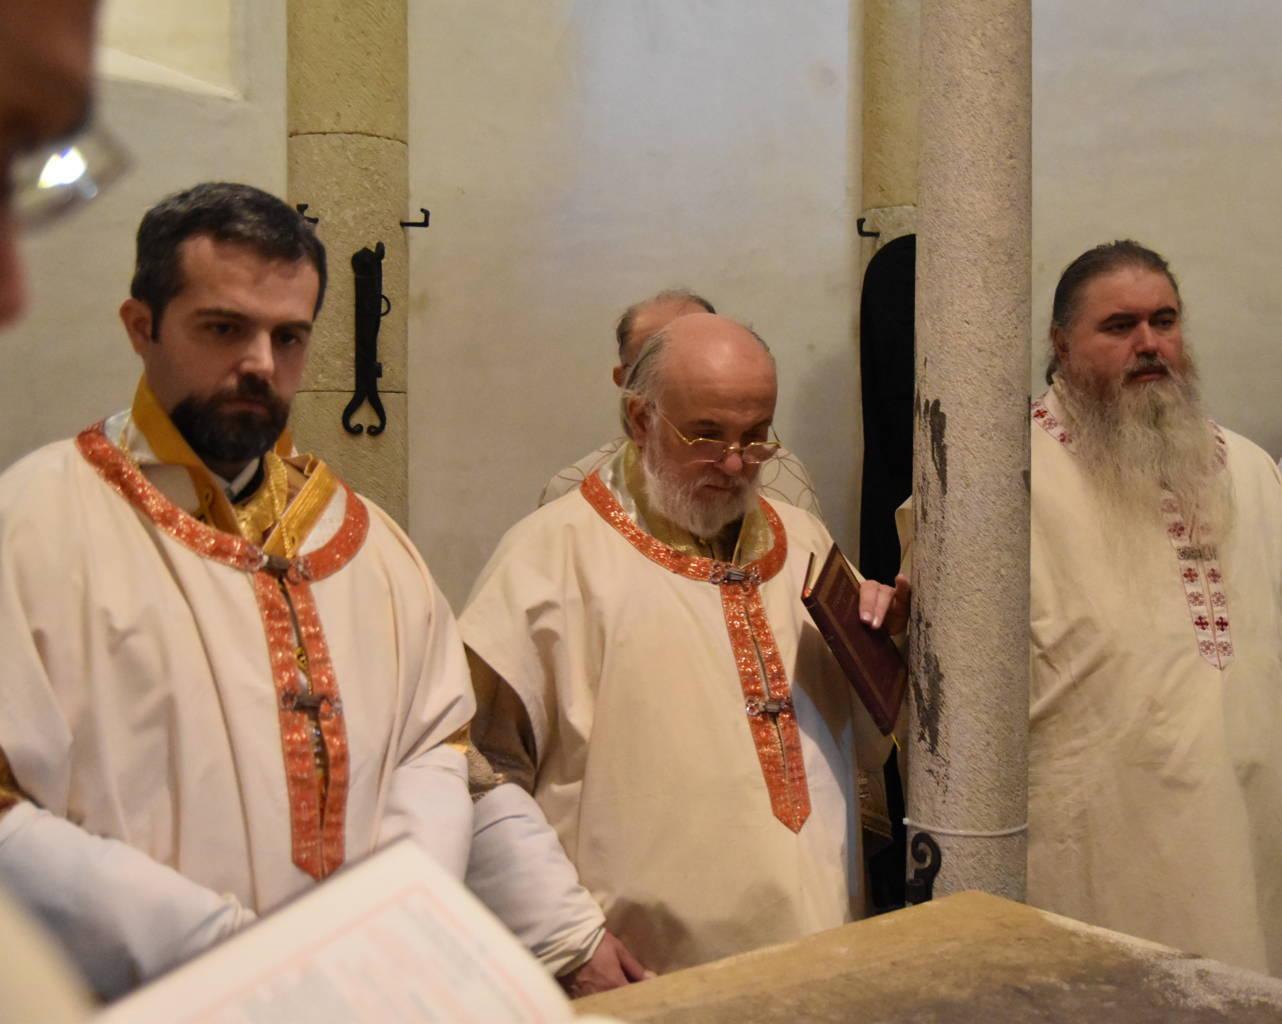 DSC 0713 - Λαμπρά εγκαίνια του Καθολικού της Ι. Μονής Αγίας Σκέπης Σολάν